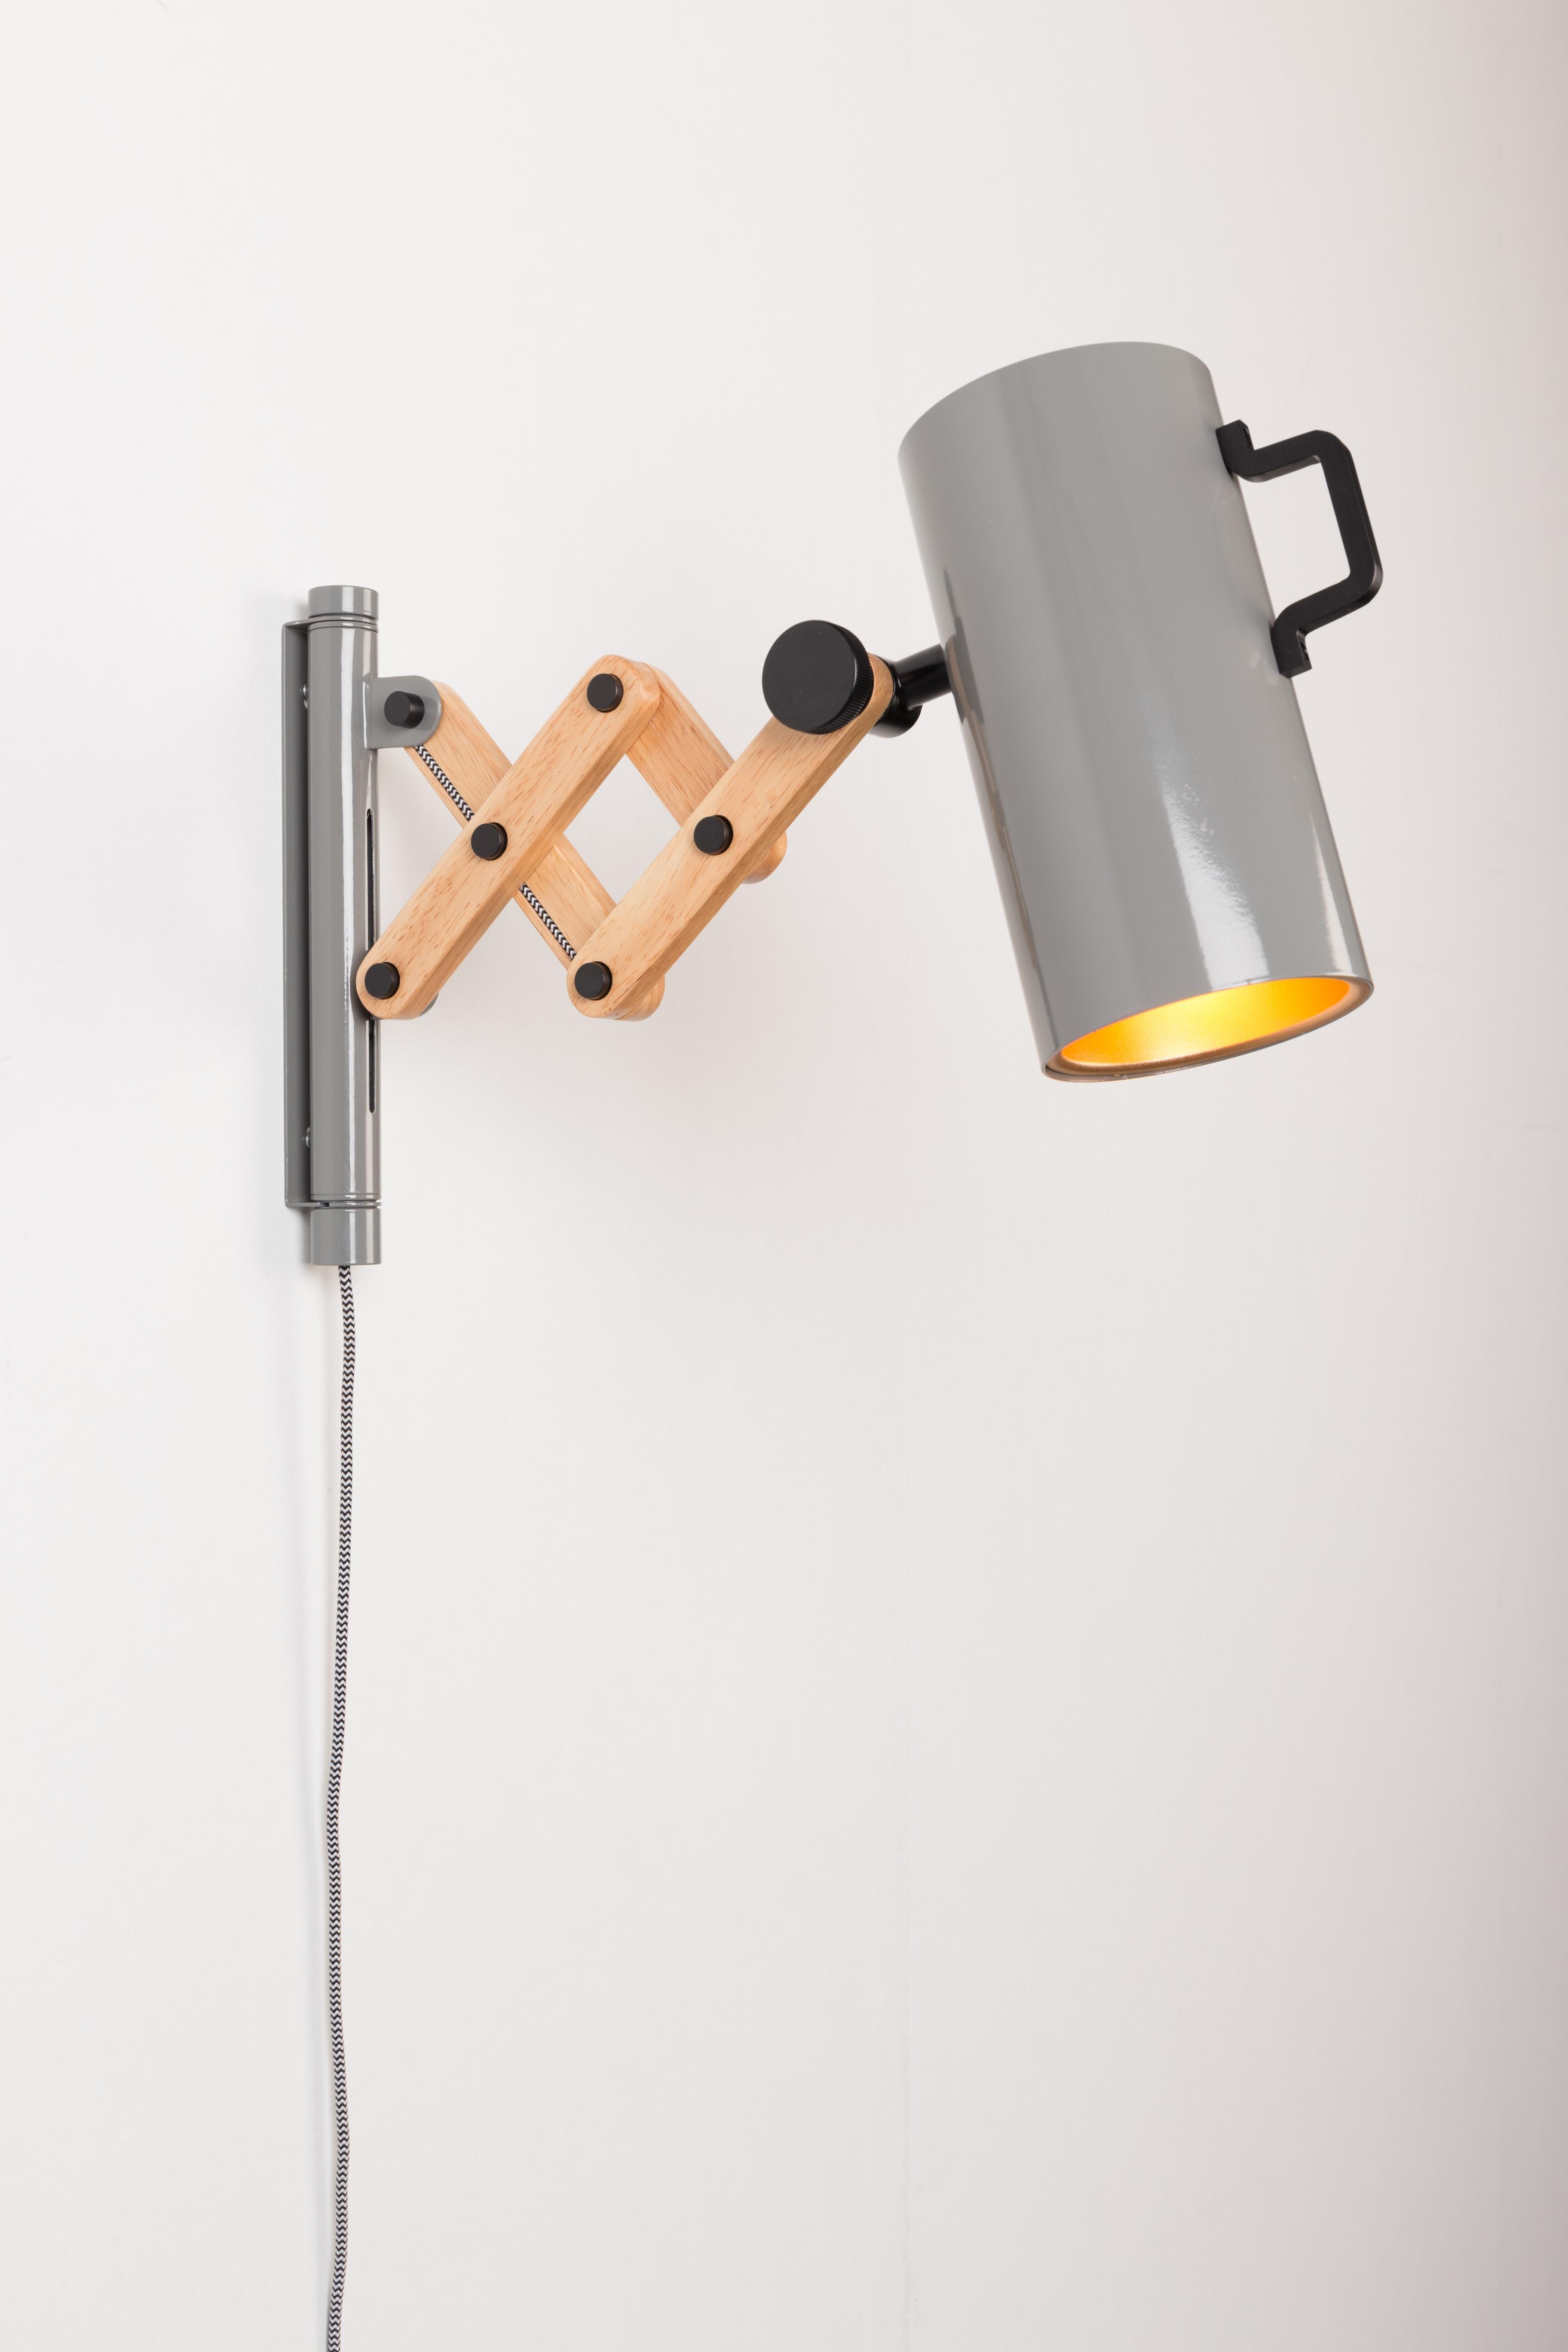 Bekend Wandlampen en plafondlampen assortiment - AllesinWonderland.nl @AO73